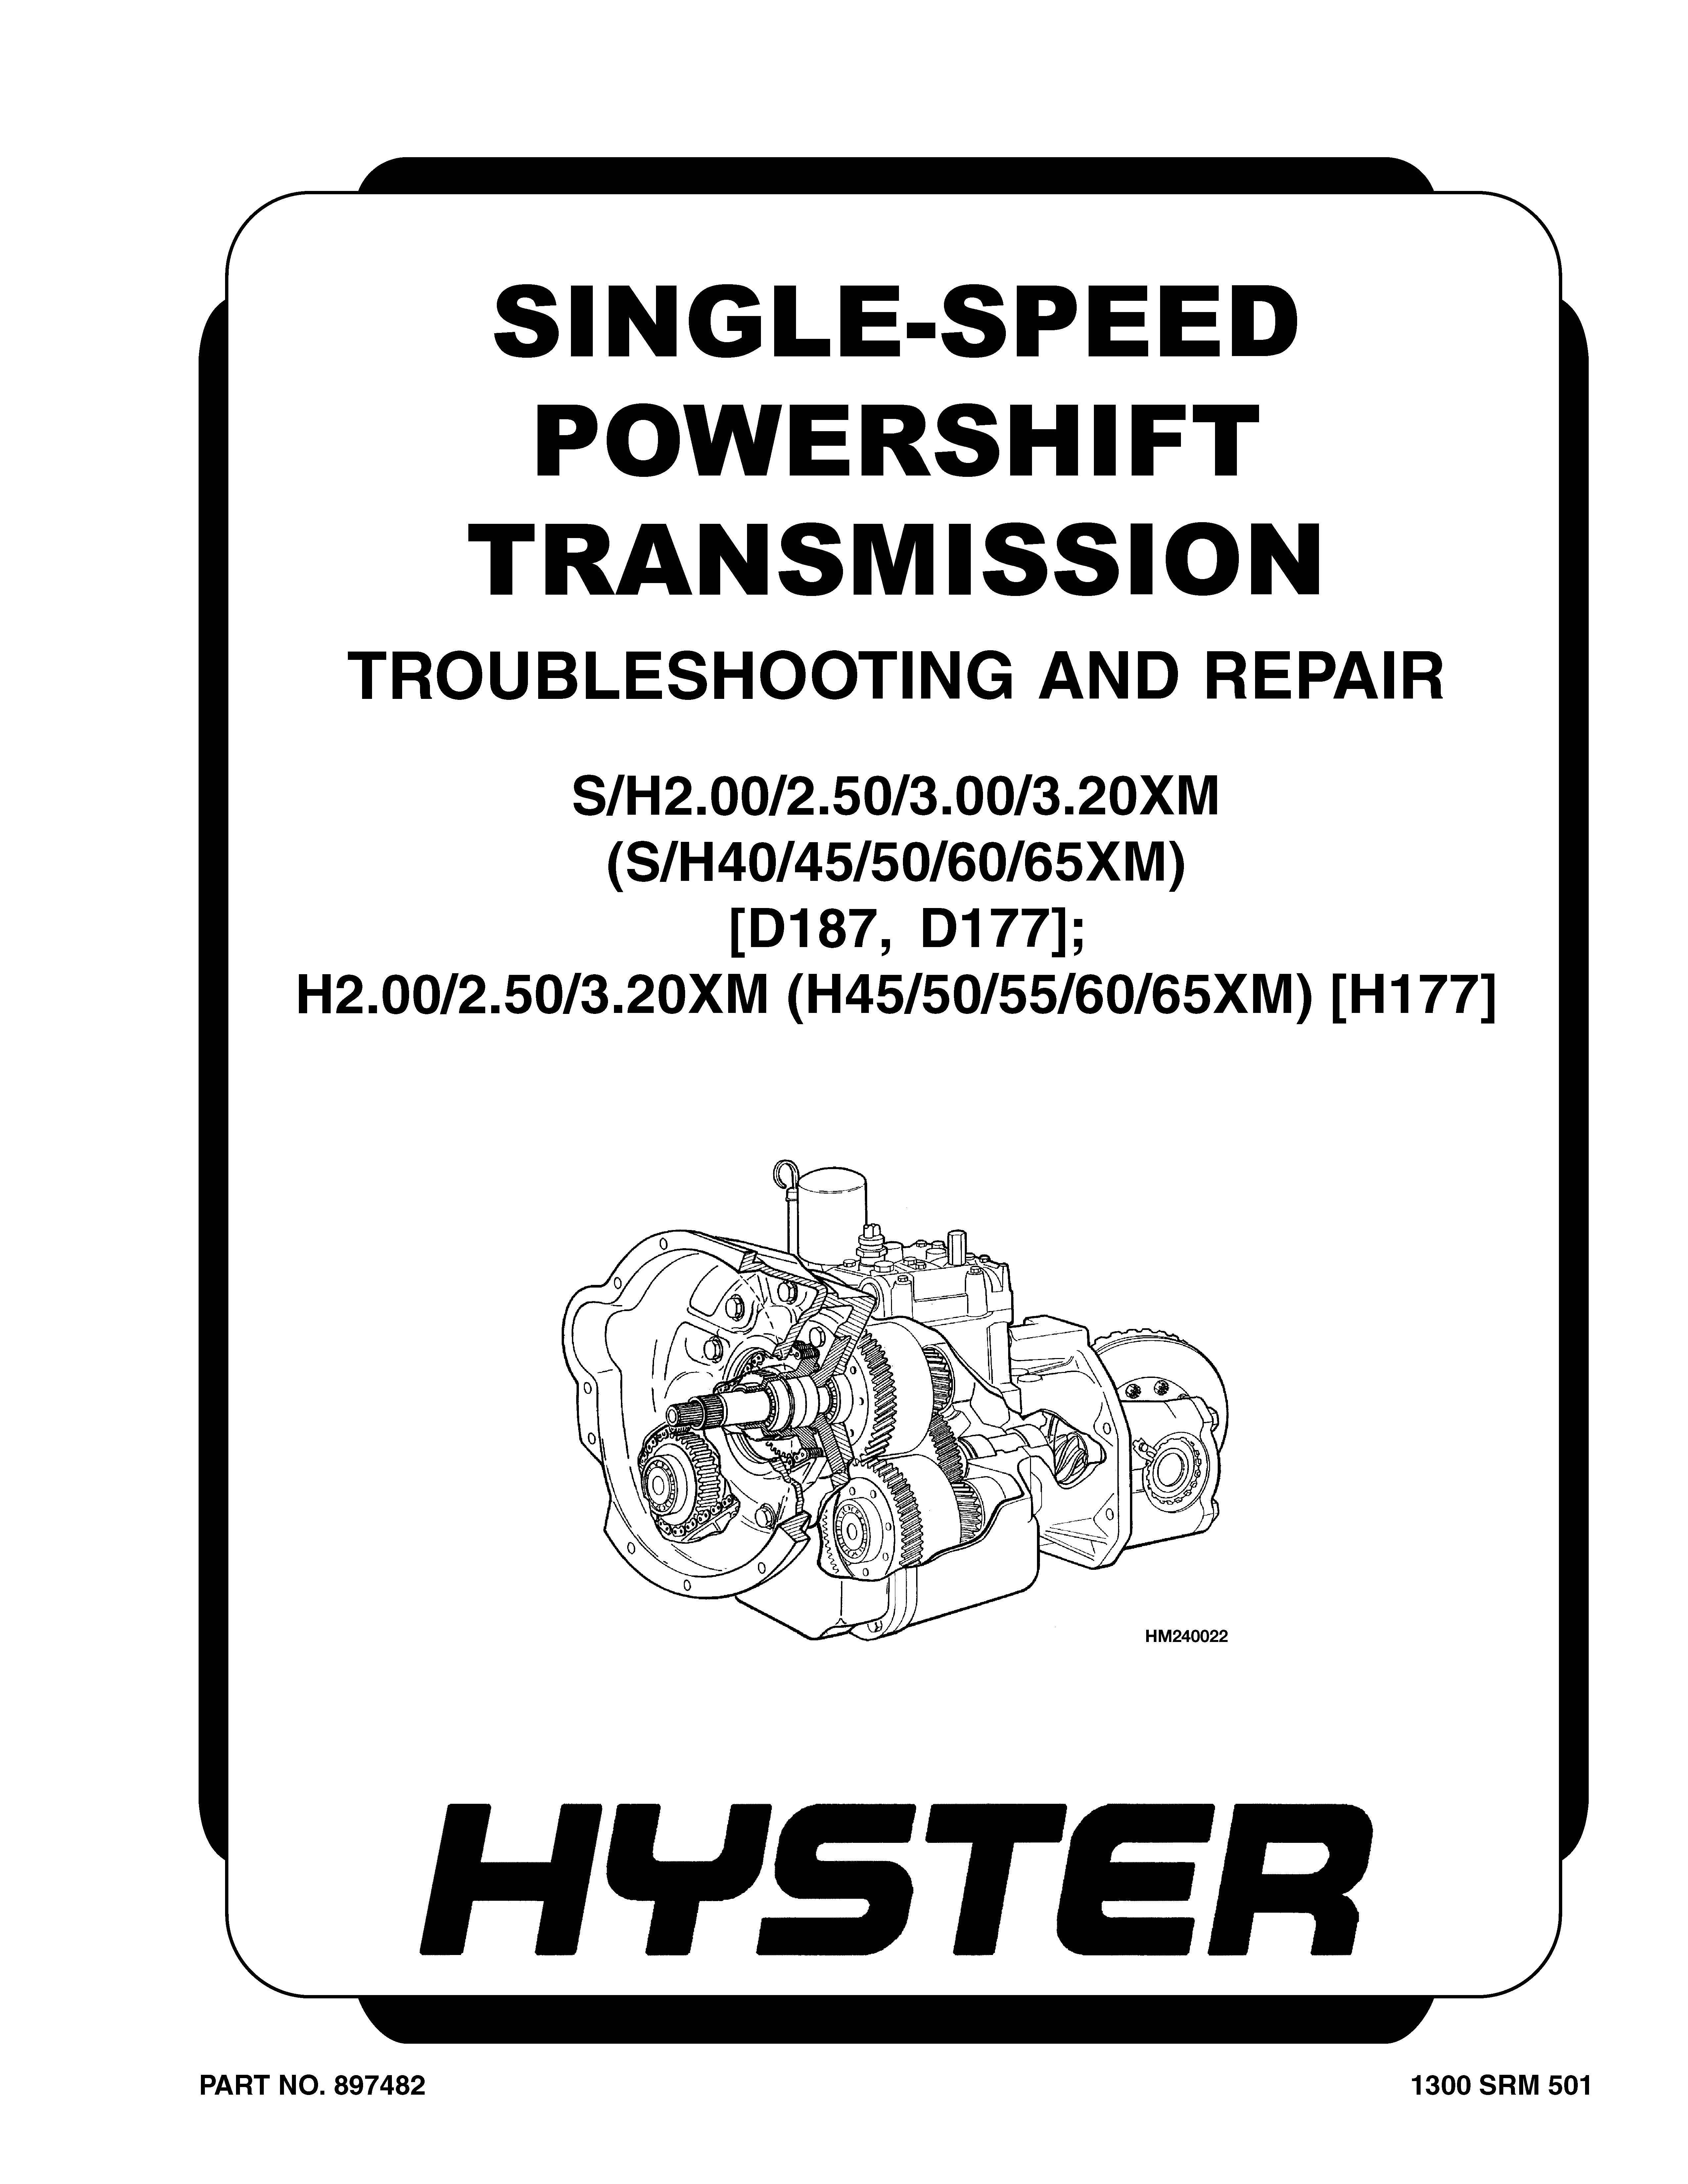 Hyster H2 00 3 20xm H177 Forklift Workshop Repair Service Manual Pdf Download Repair Manuals Repair Forklift